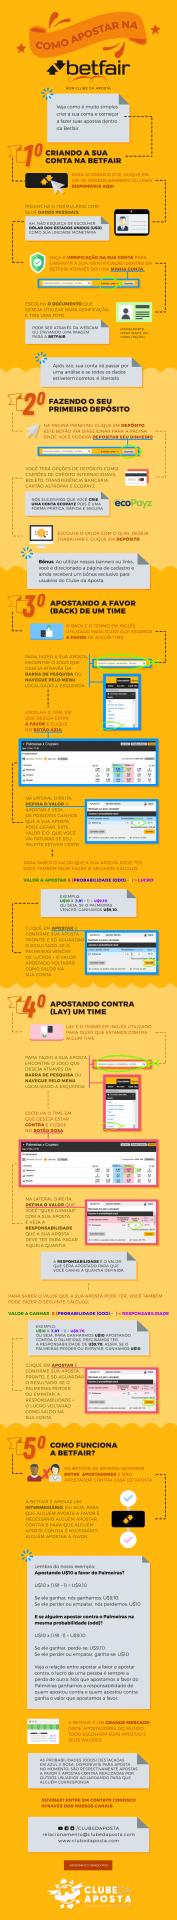 Como funciona a Betfair: infográfico do Clube da Aposta